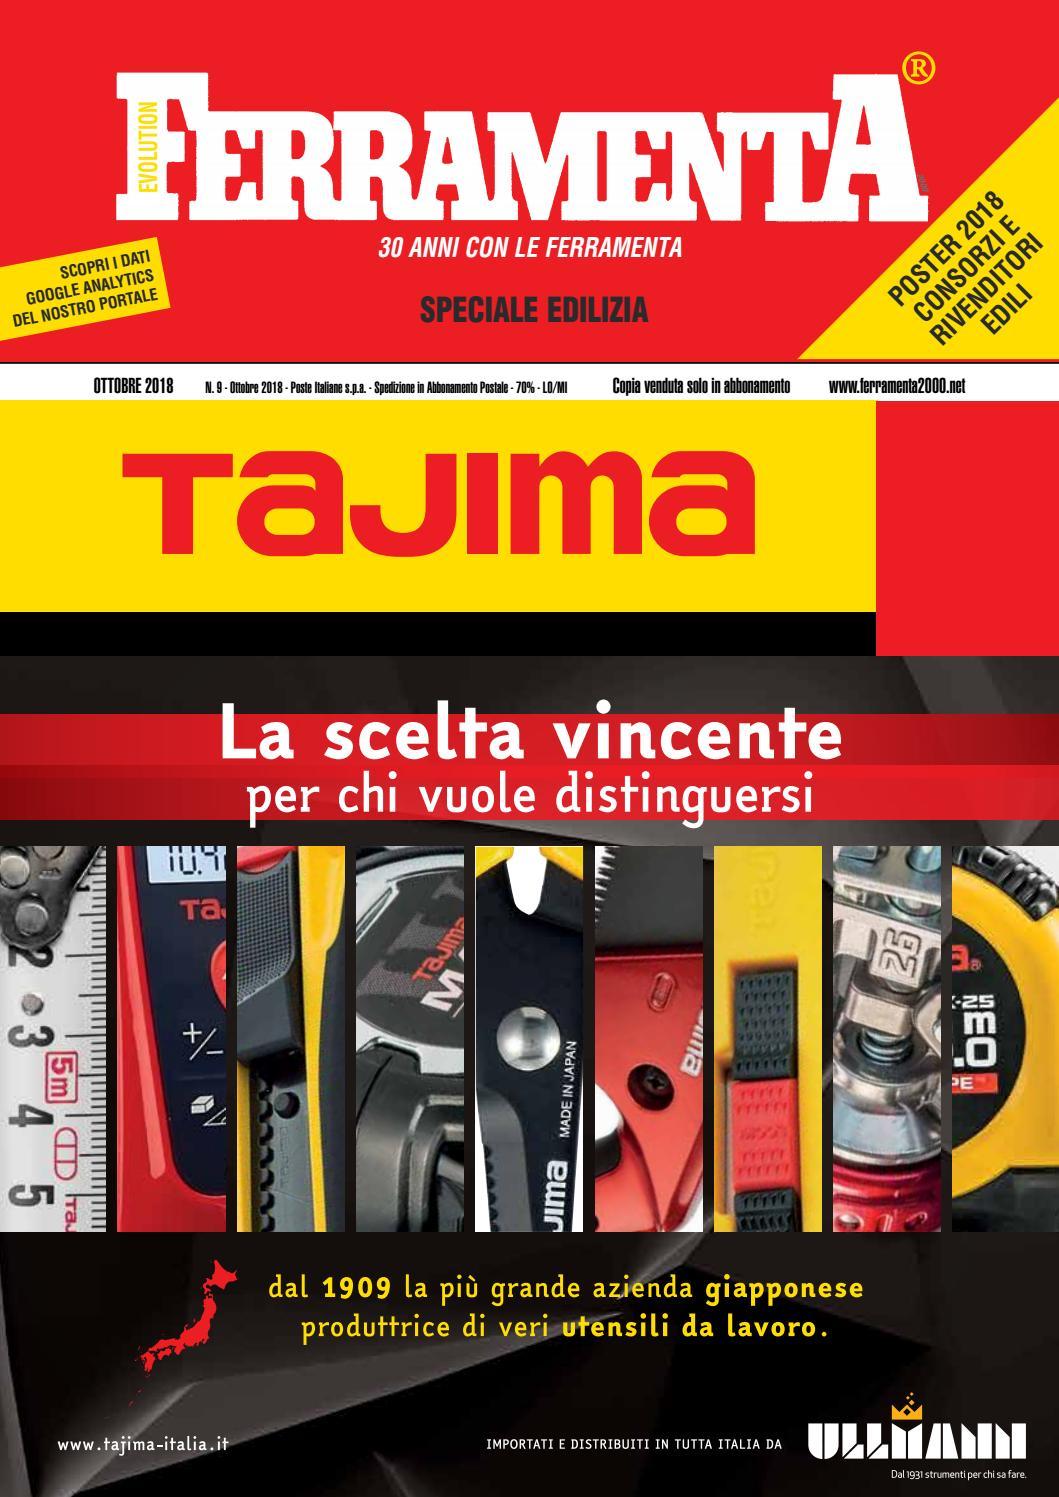 Ferramenta 2000 Evolution by E.T. Edizioni Tecniche SRL - issuu 1d13489b322